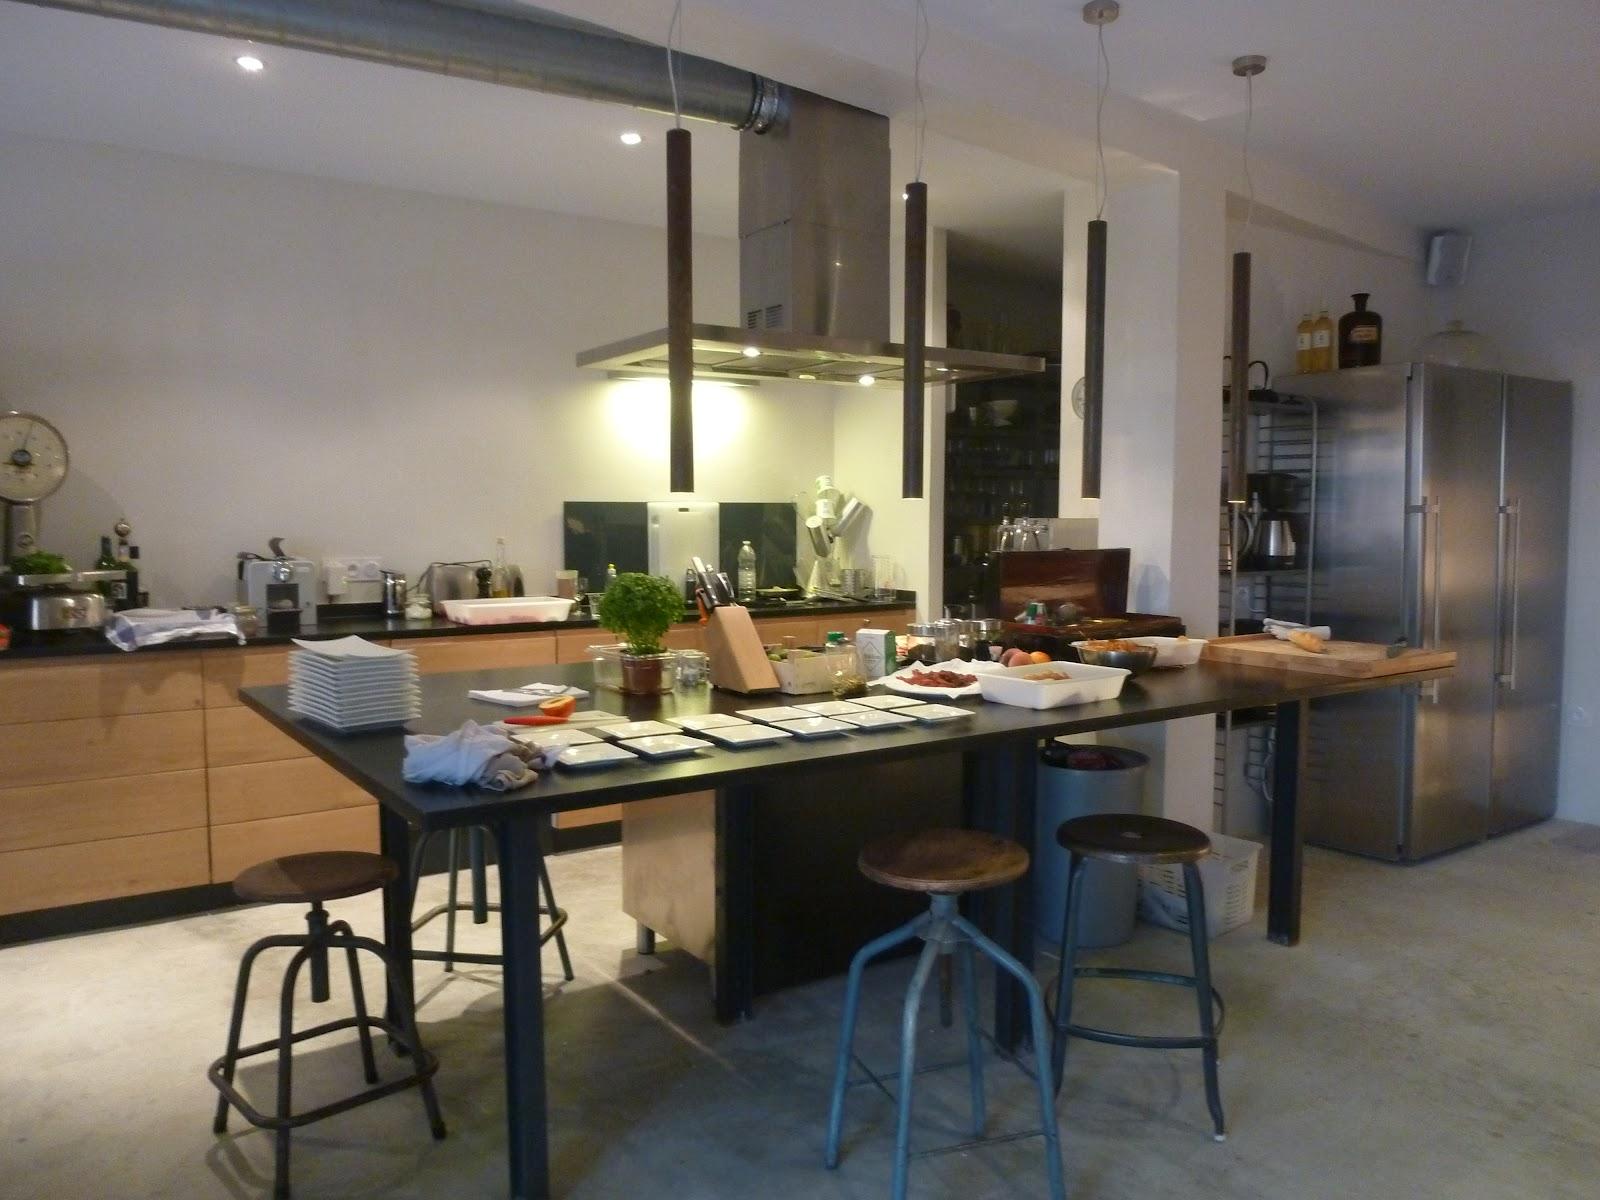 Table d'hôtes du 25 août et 1er cours de cuisine chez Metafort ...